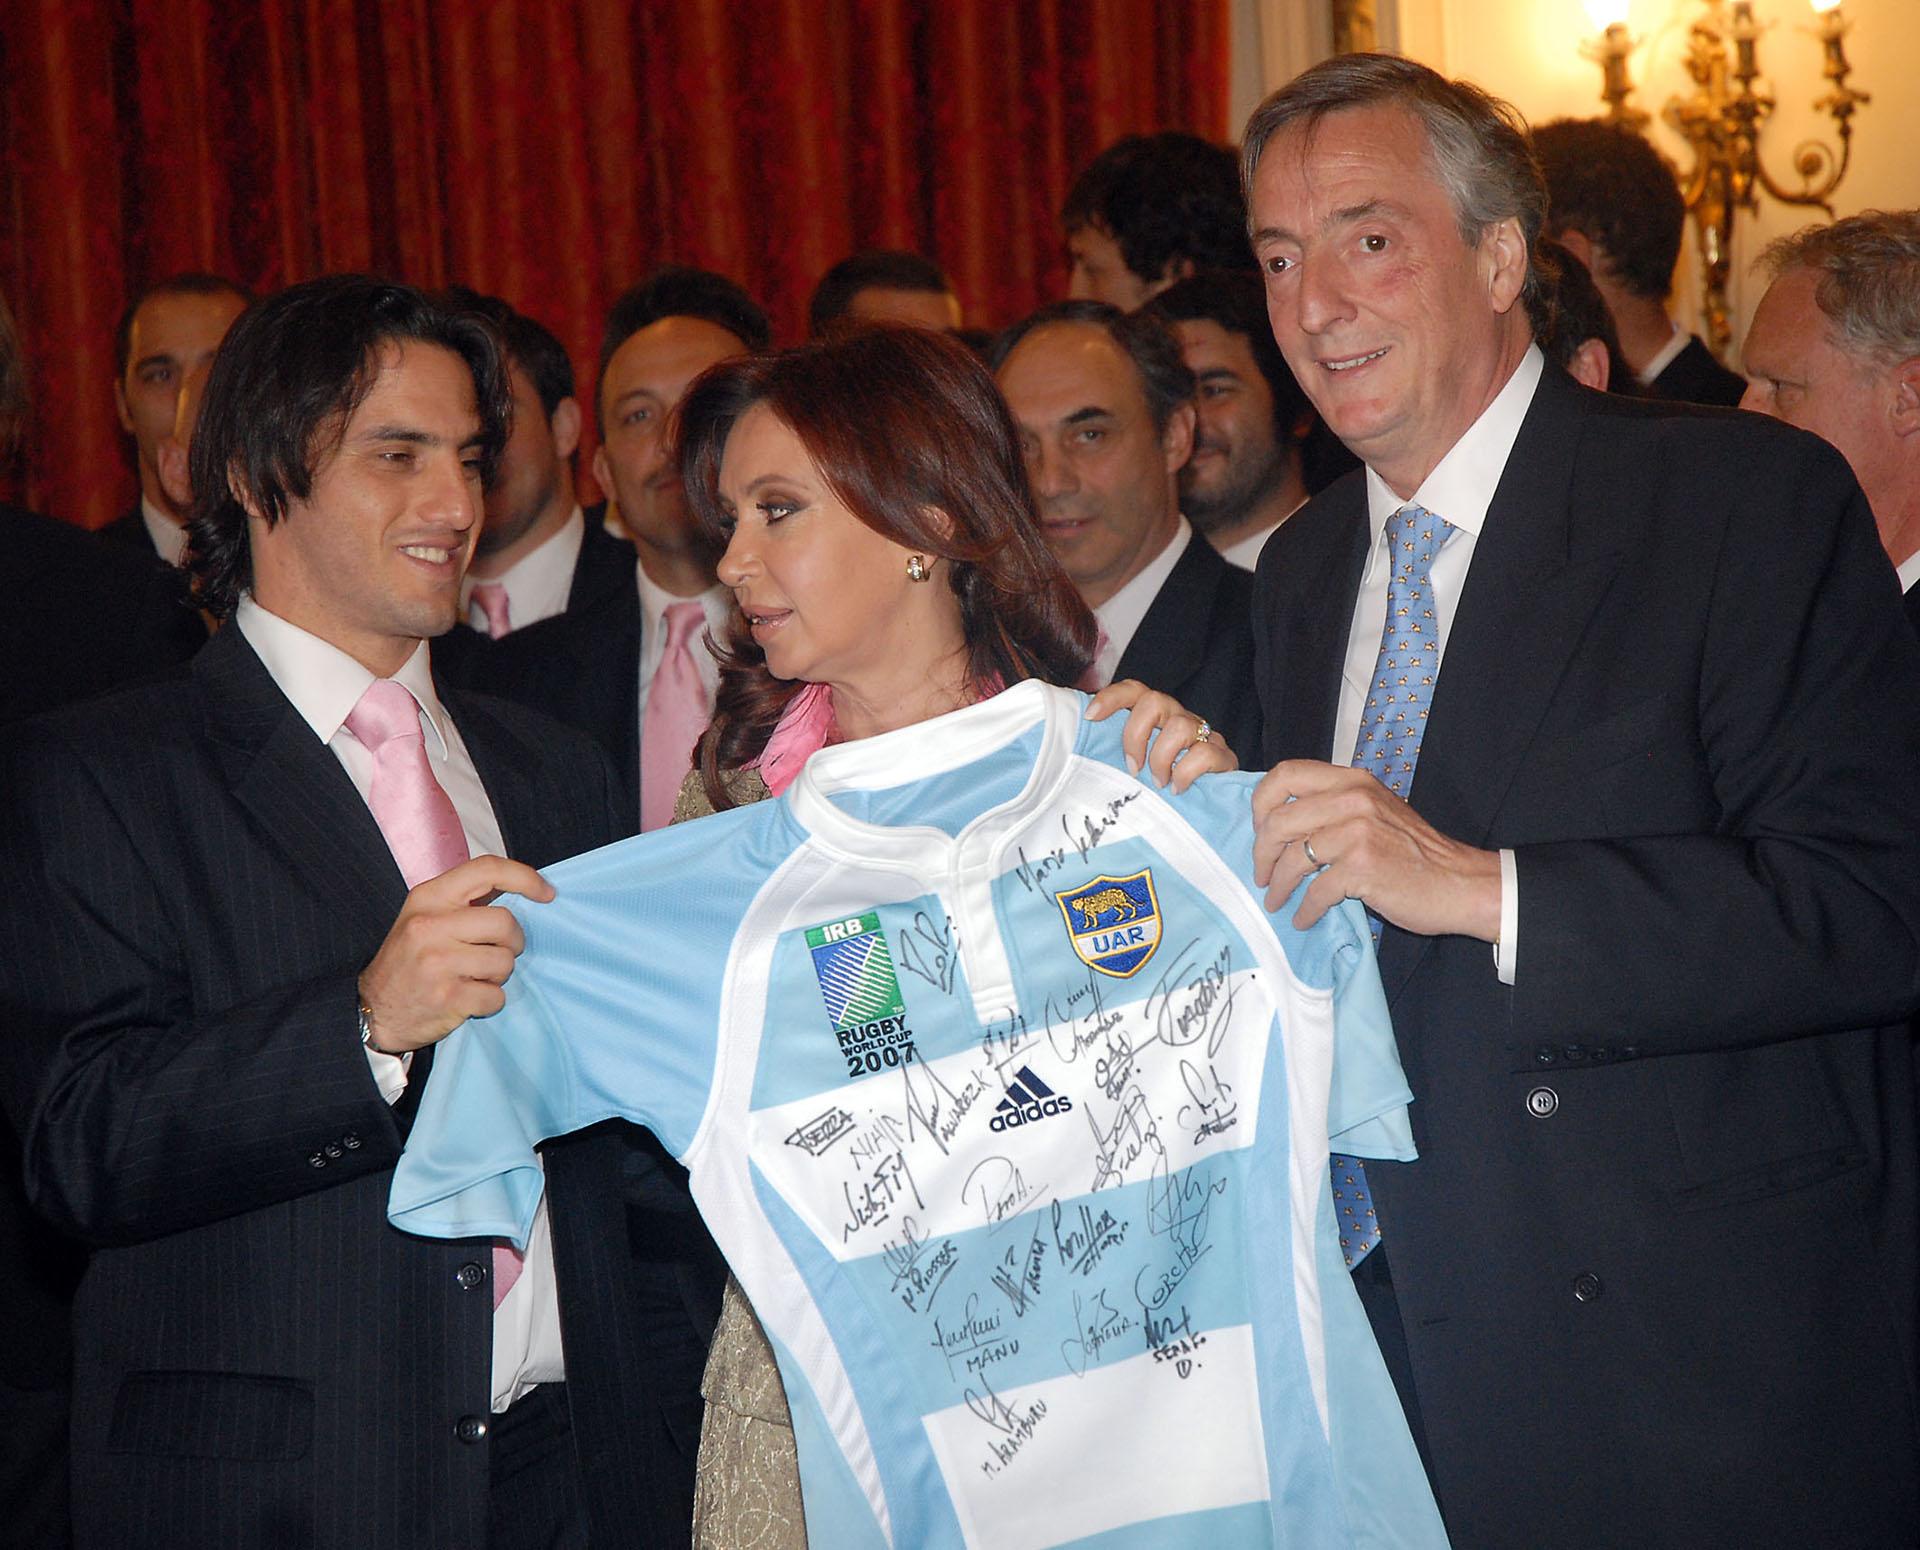 El presidente Néstor Kirchner, la senadora Cristina Fernández de Kirchner y el medio scrum Agustín Pichot con una camiseta autografiada de los Pumas durante la visita del seleccionado argentino de rugby a la Casa de Gobierno.